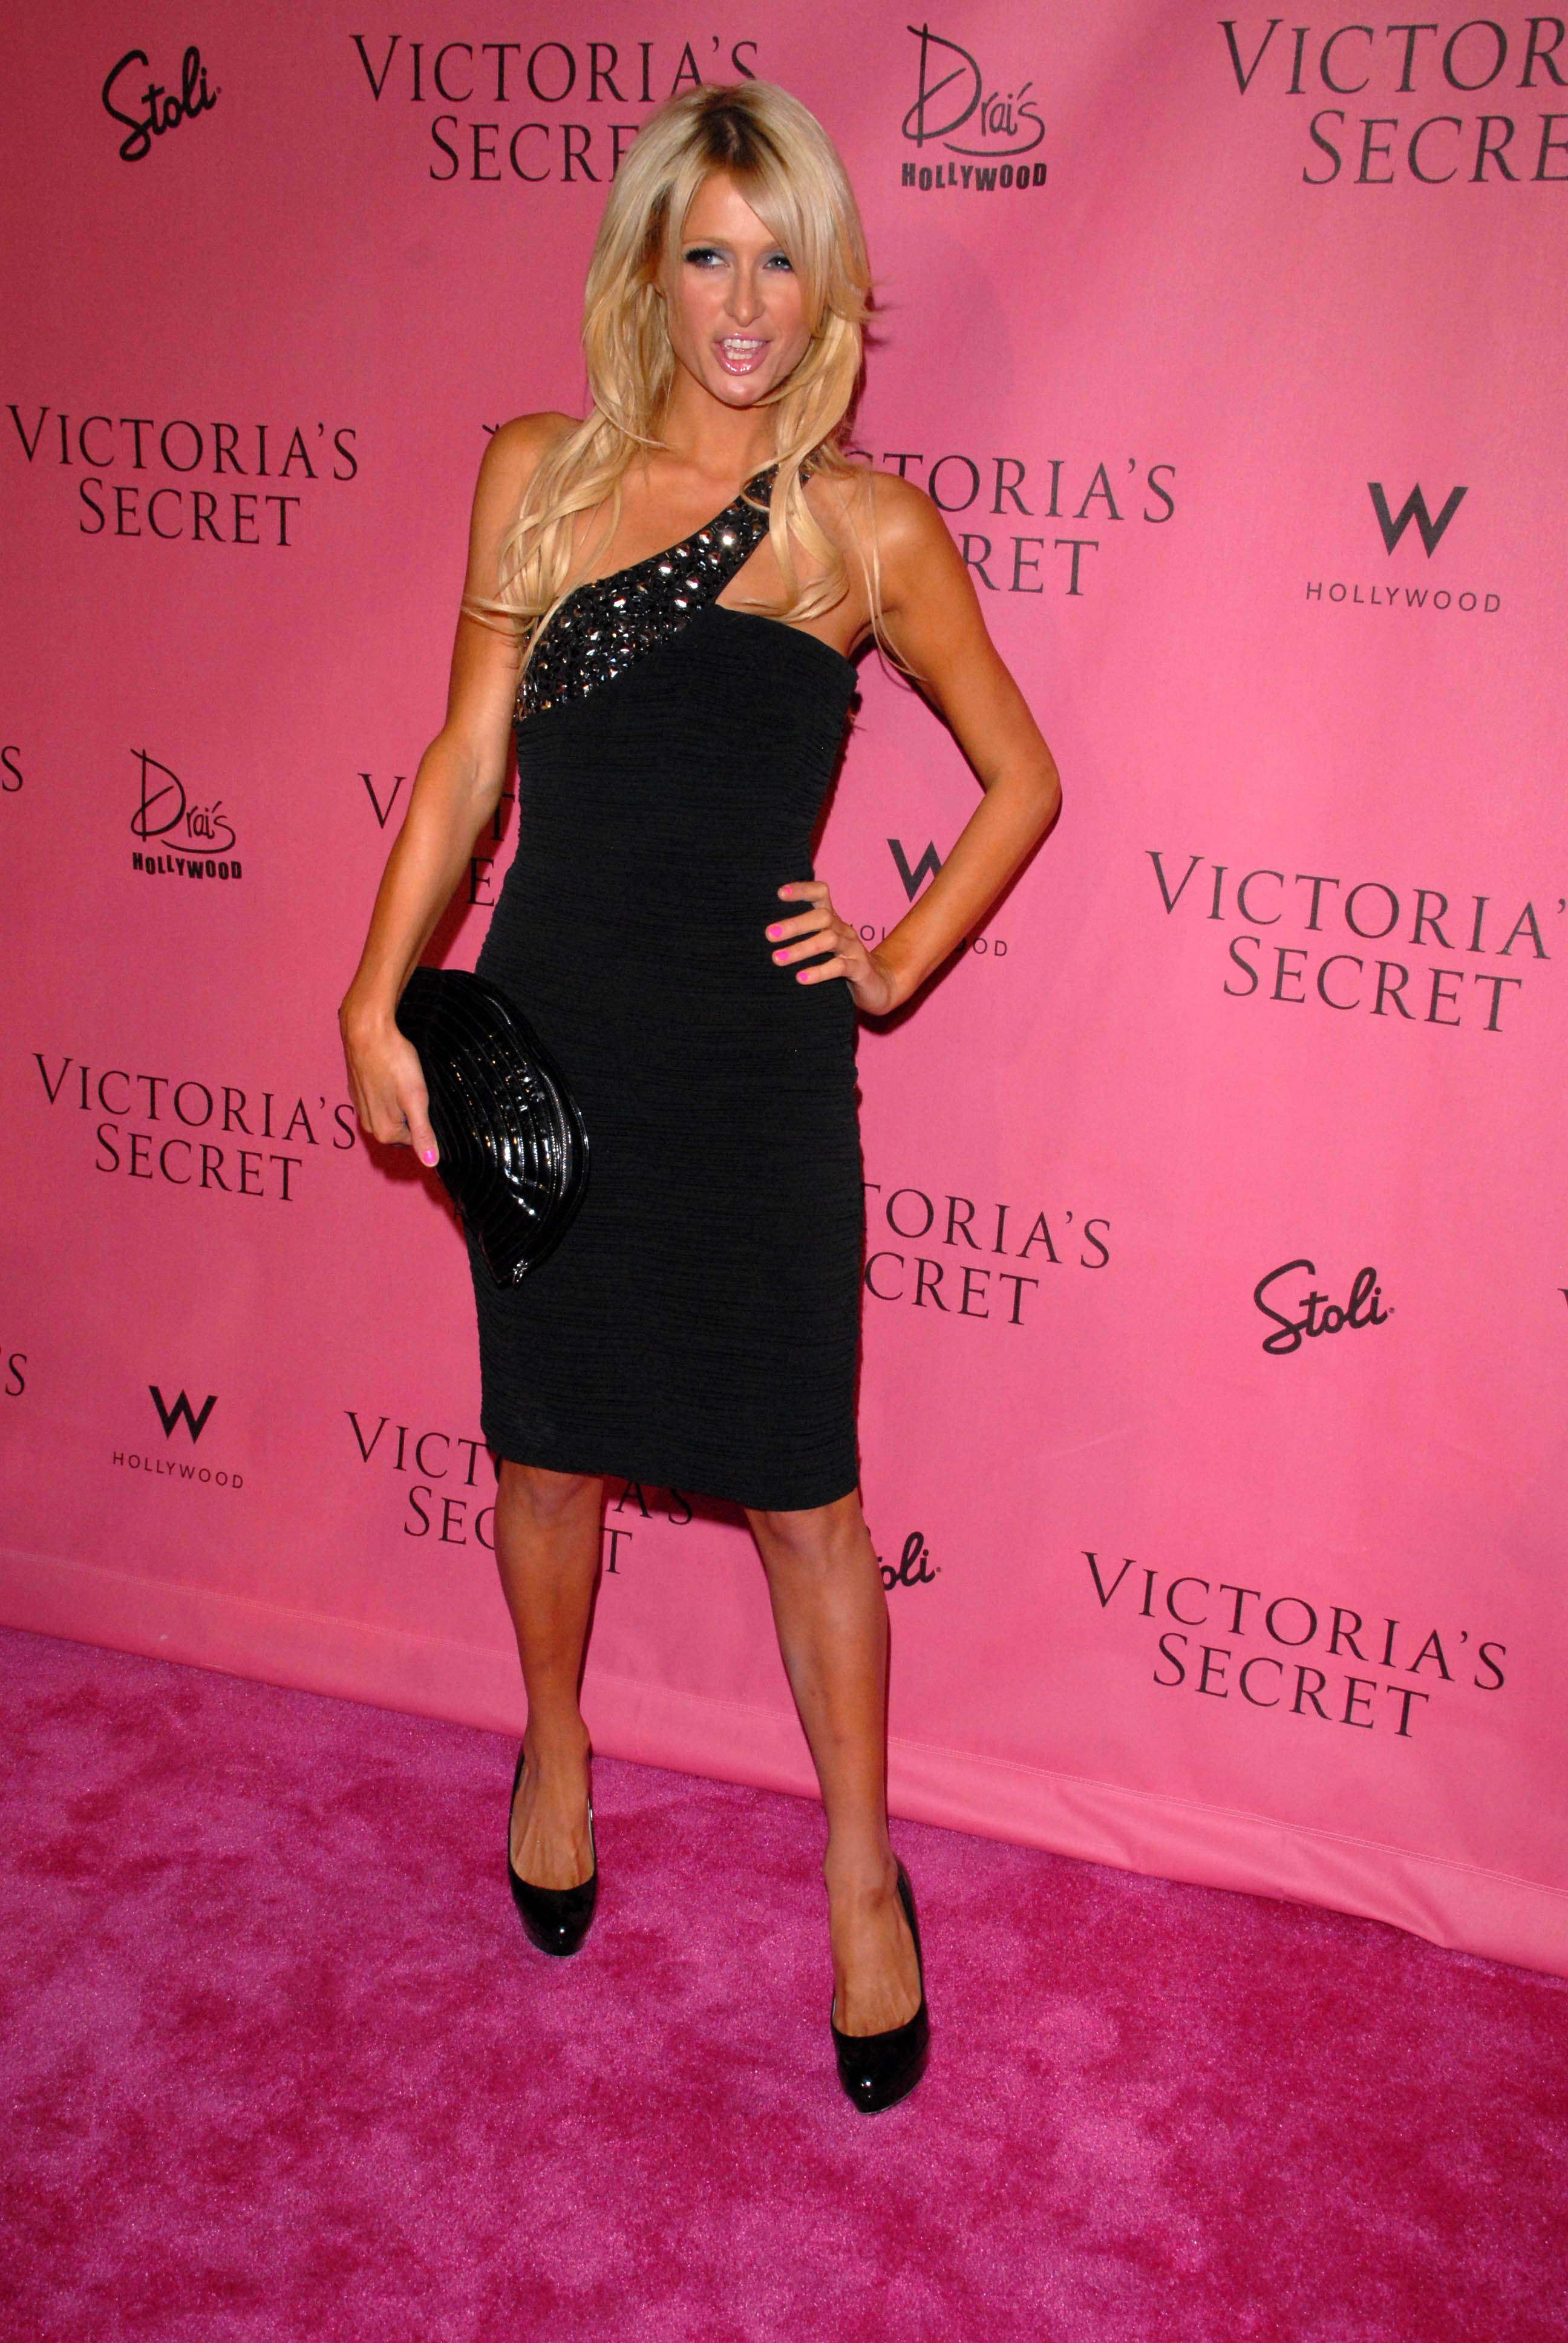 Paris Hilton 2010 : paris-hilton-at-victorias-secret-5th-annual-what-is-sexy-event-06